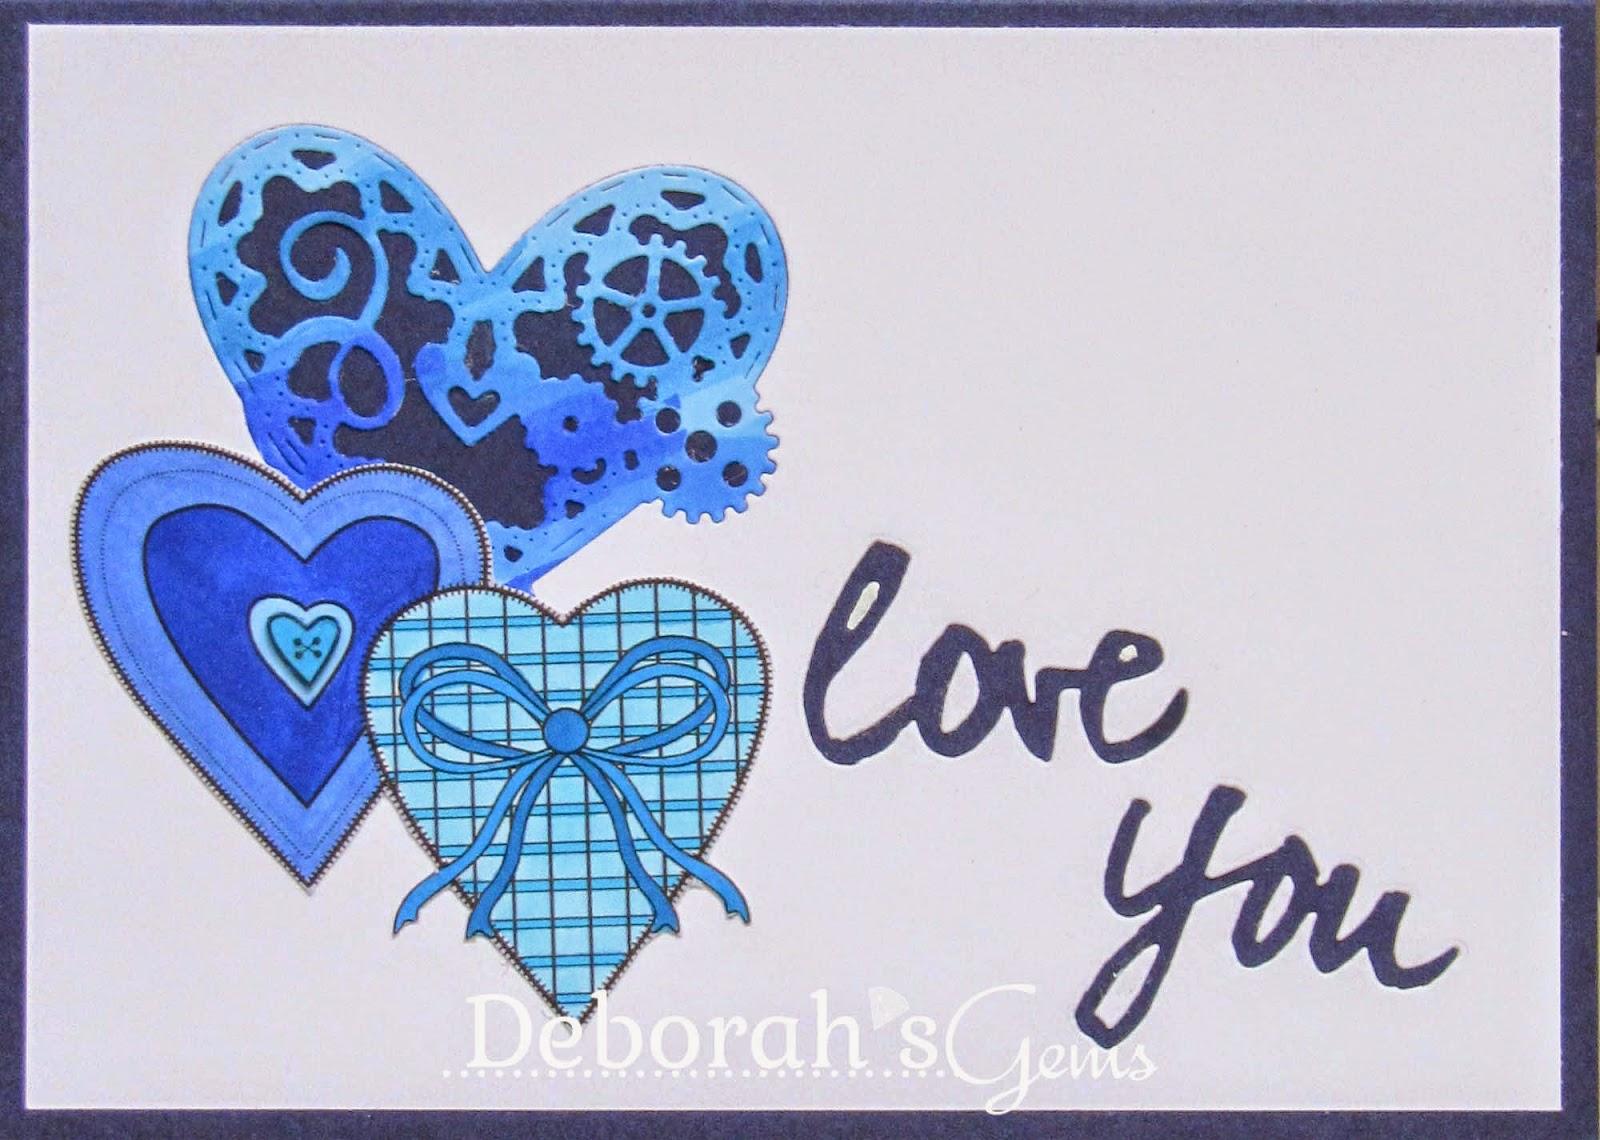 Love You - photo by Deborah Frings - Deborah's Gems